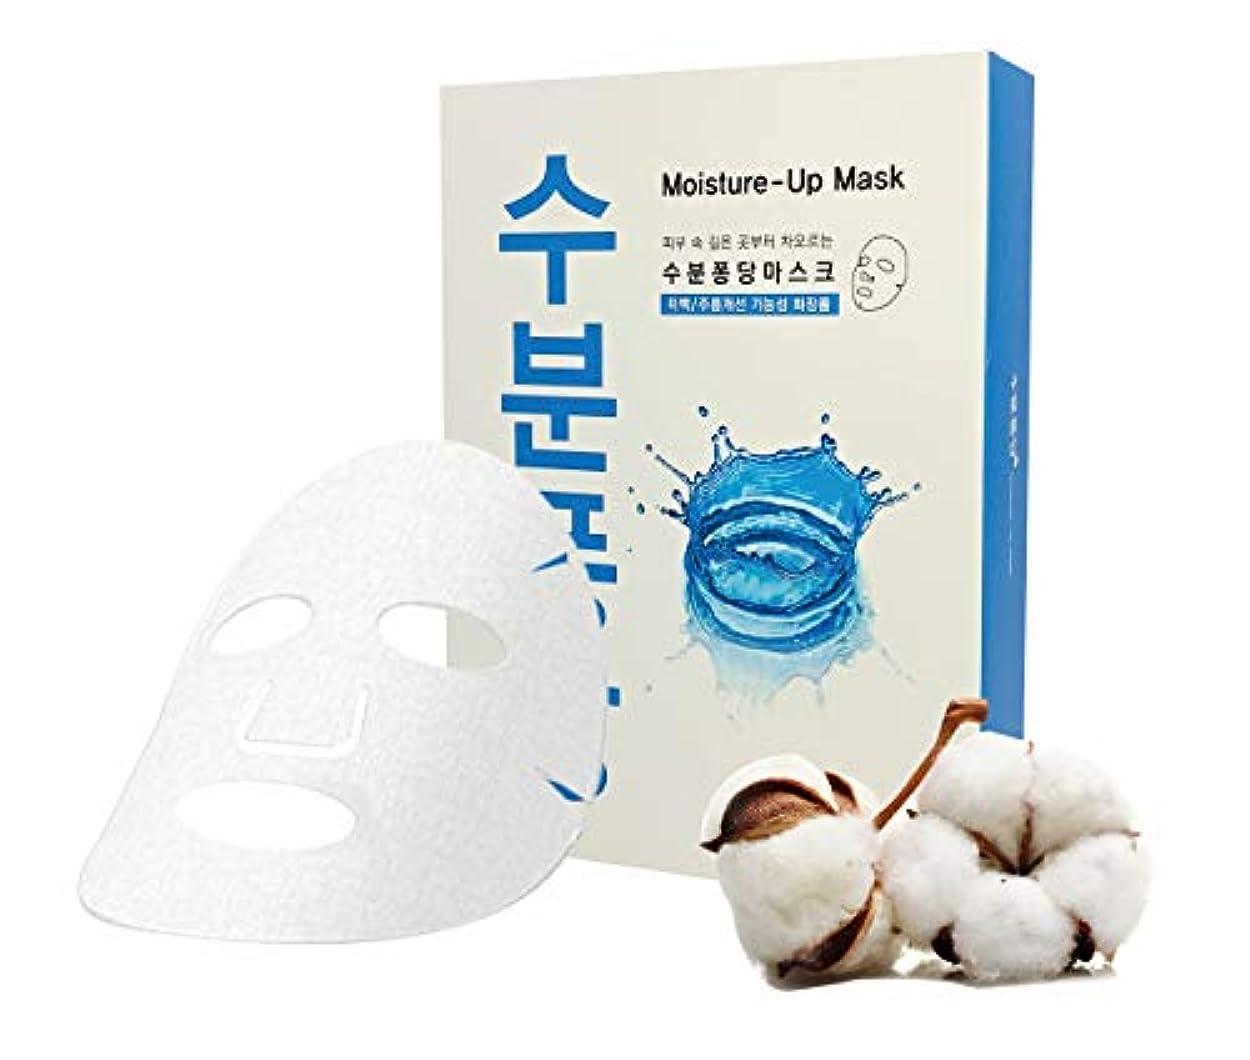 列挙するシミュレートする減少[アンサー ナインティーン+] 保湿シートマスク 超保湿成分配合 - 17のアミノ酸混合体 (N.M.F. (天然保湿因子))、ヒアルロン酸、スイレンエキス、24ml/0.8液量オンス 10点パック